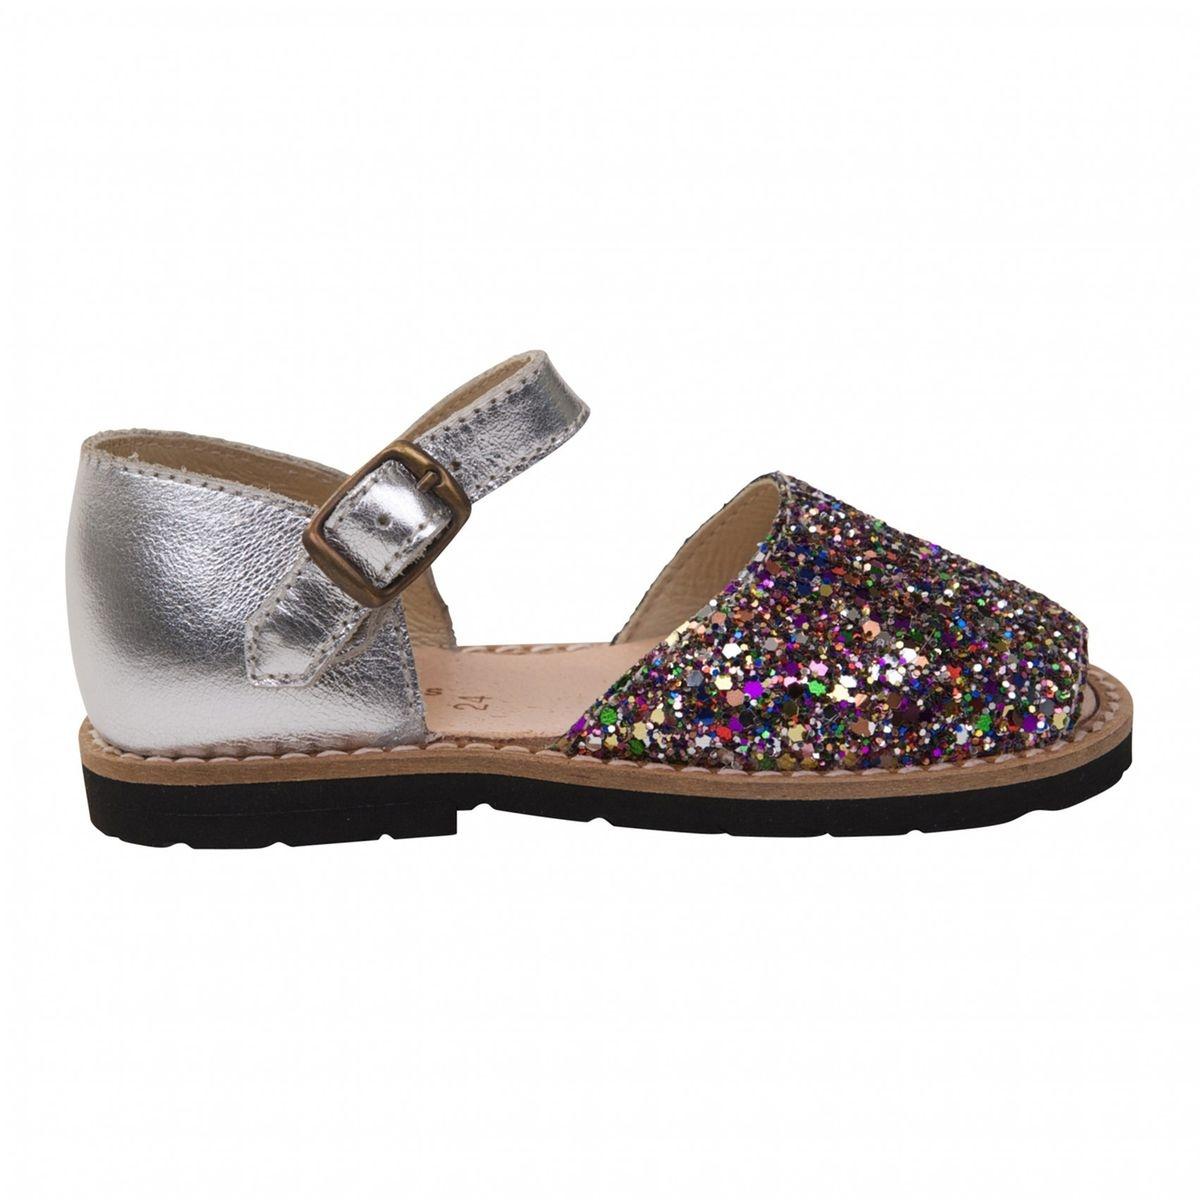 Sandales enfant argent à paillettes multicolores